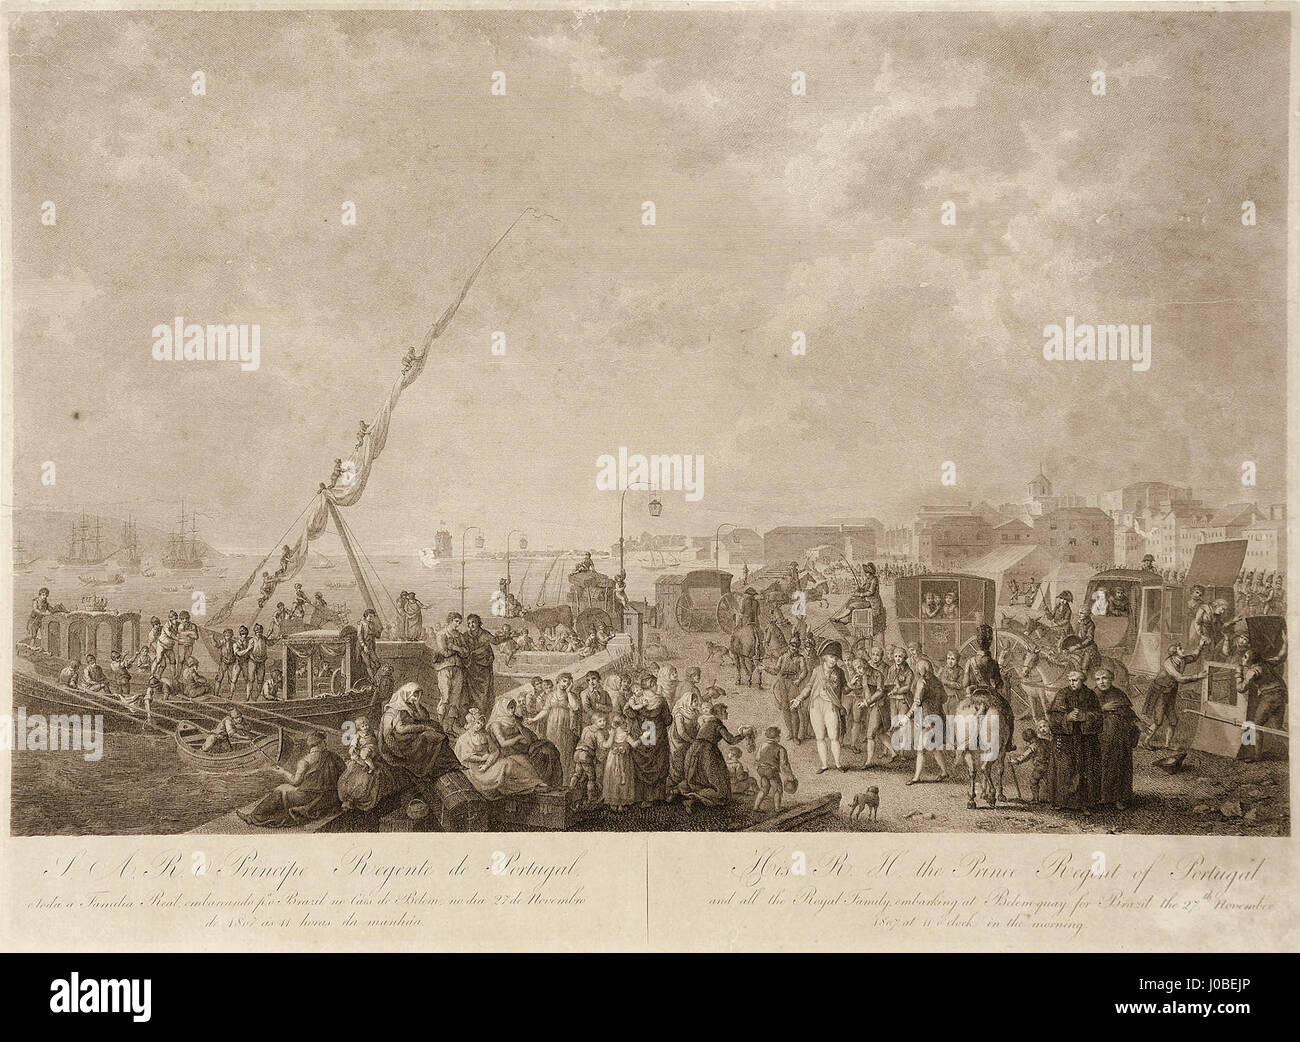 Francesco Bartolozzi, Henri Lévêque - Embarque de D. João VI para o Brasil Foto de stock